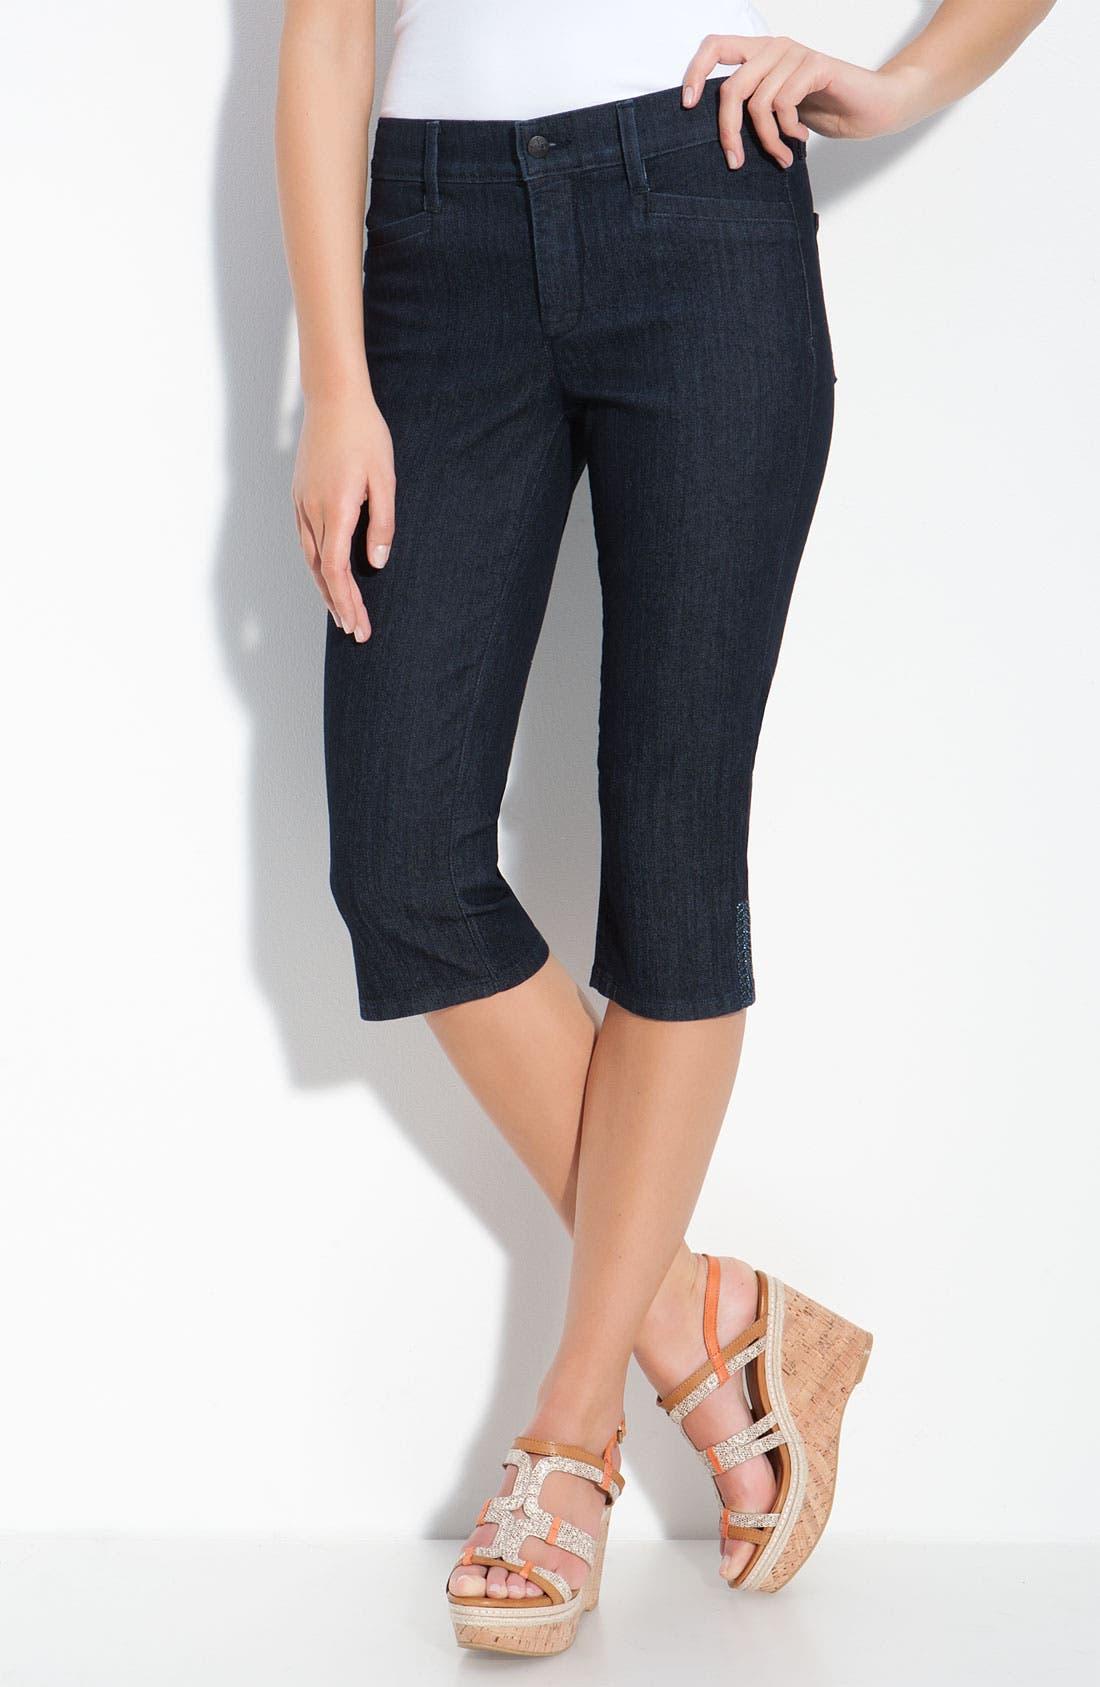 Alternate Image 1 Selected - NYDJ 'Joan' Embellished Crop Stretch Jeans